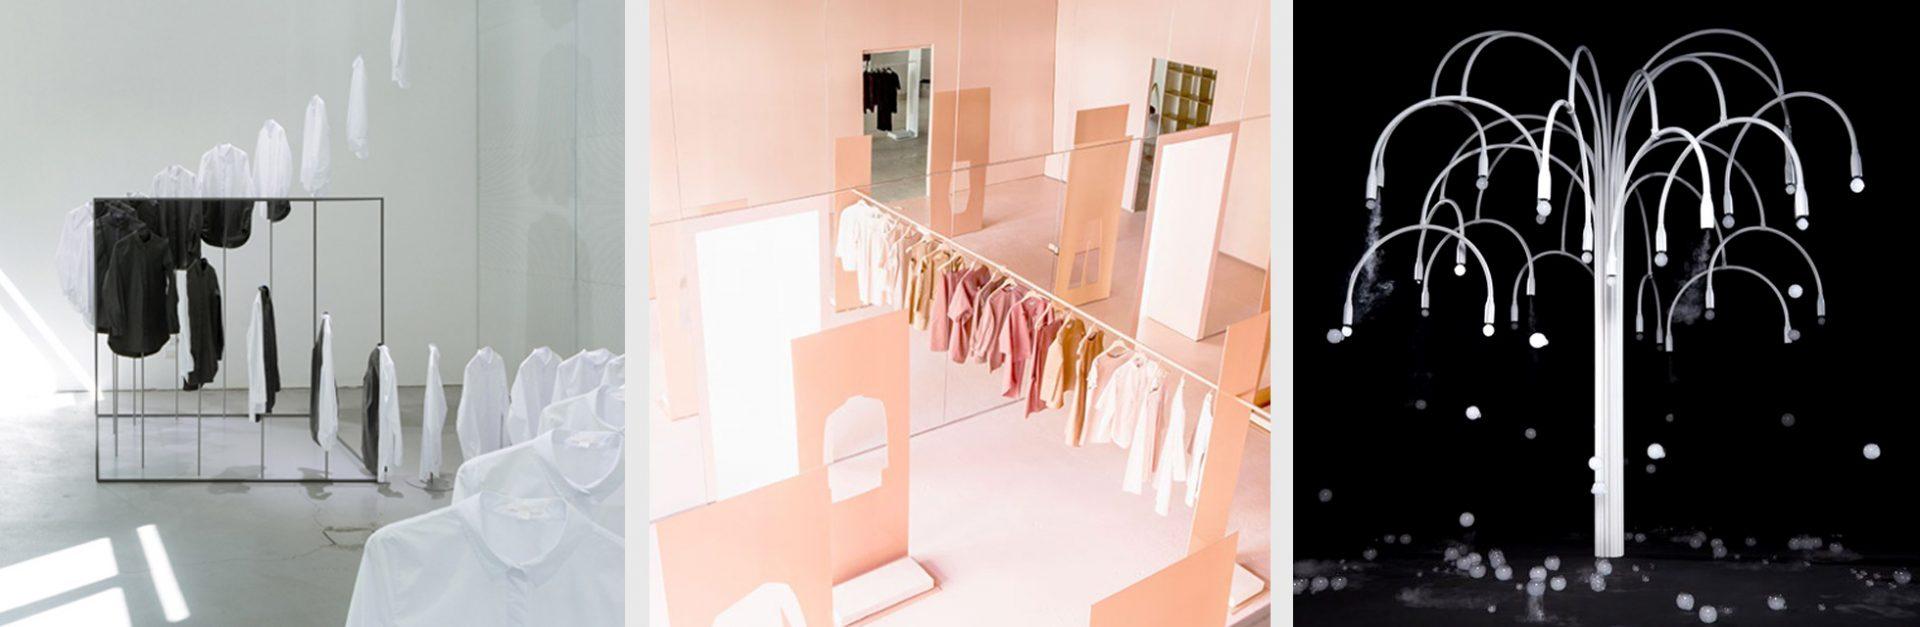 Pop Up Shop Retail Design